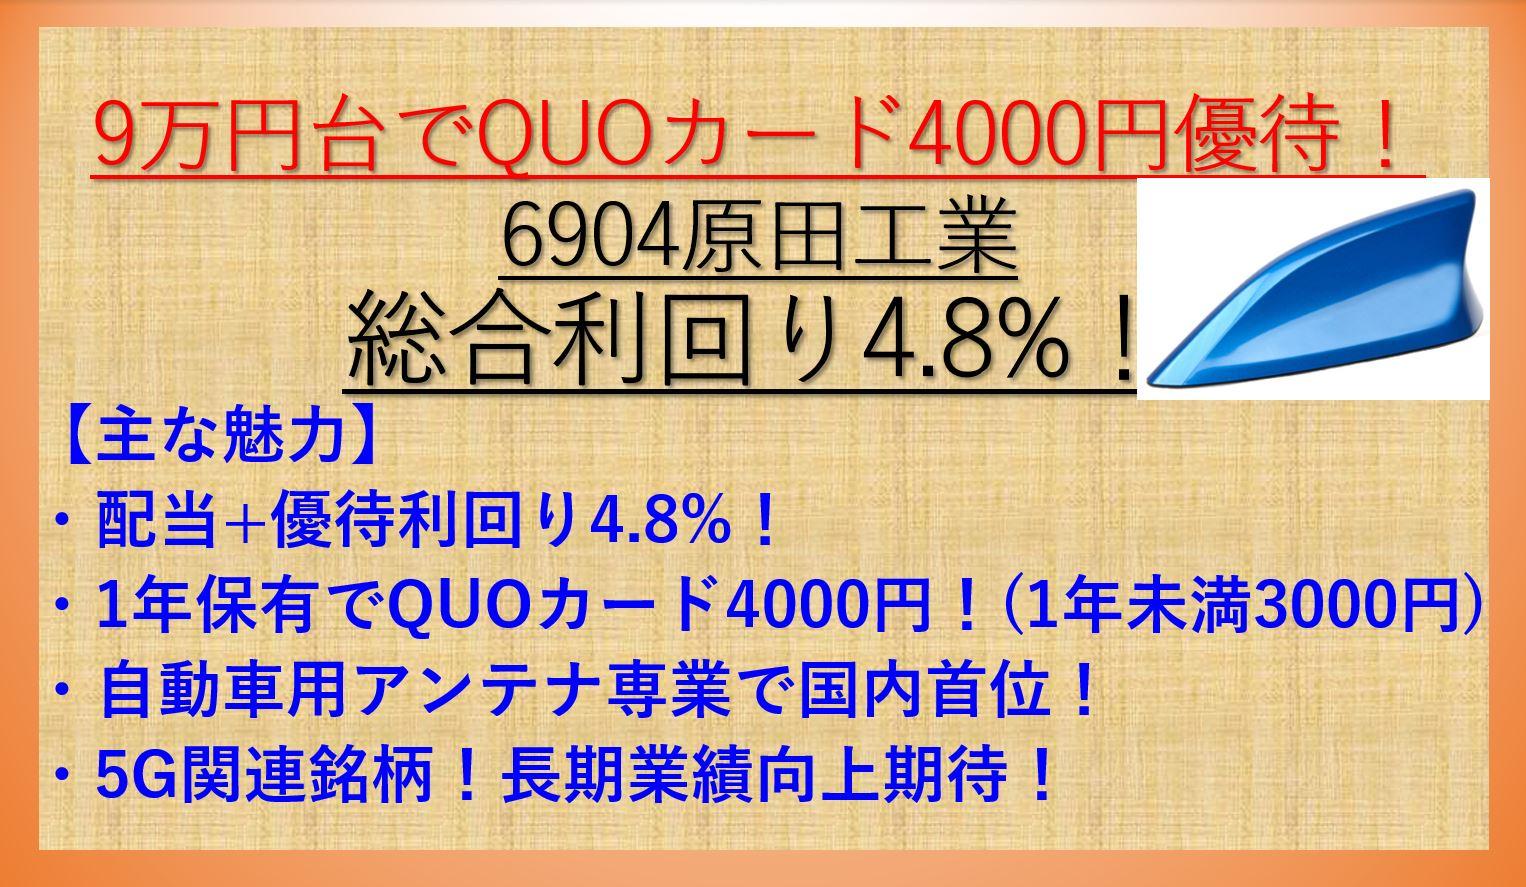 6904-原田工業-アイキャッチ